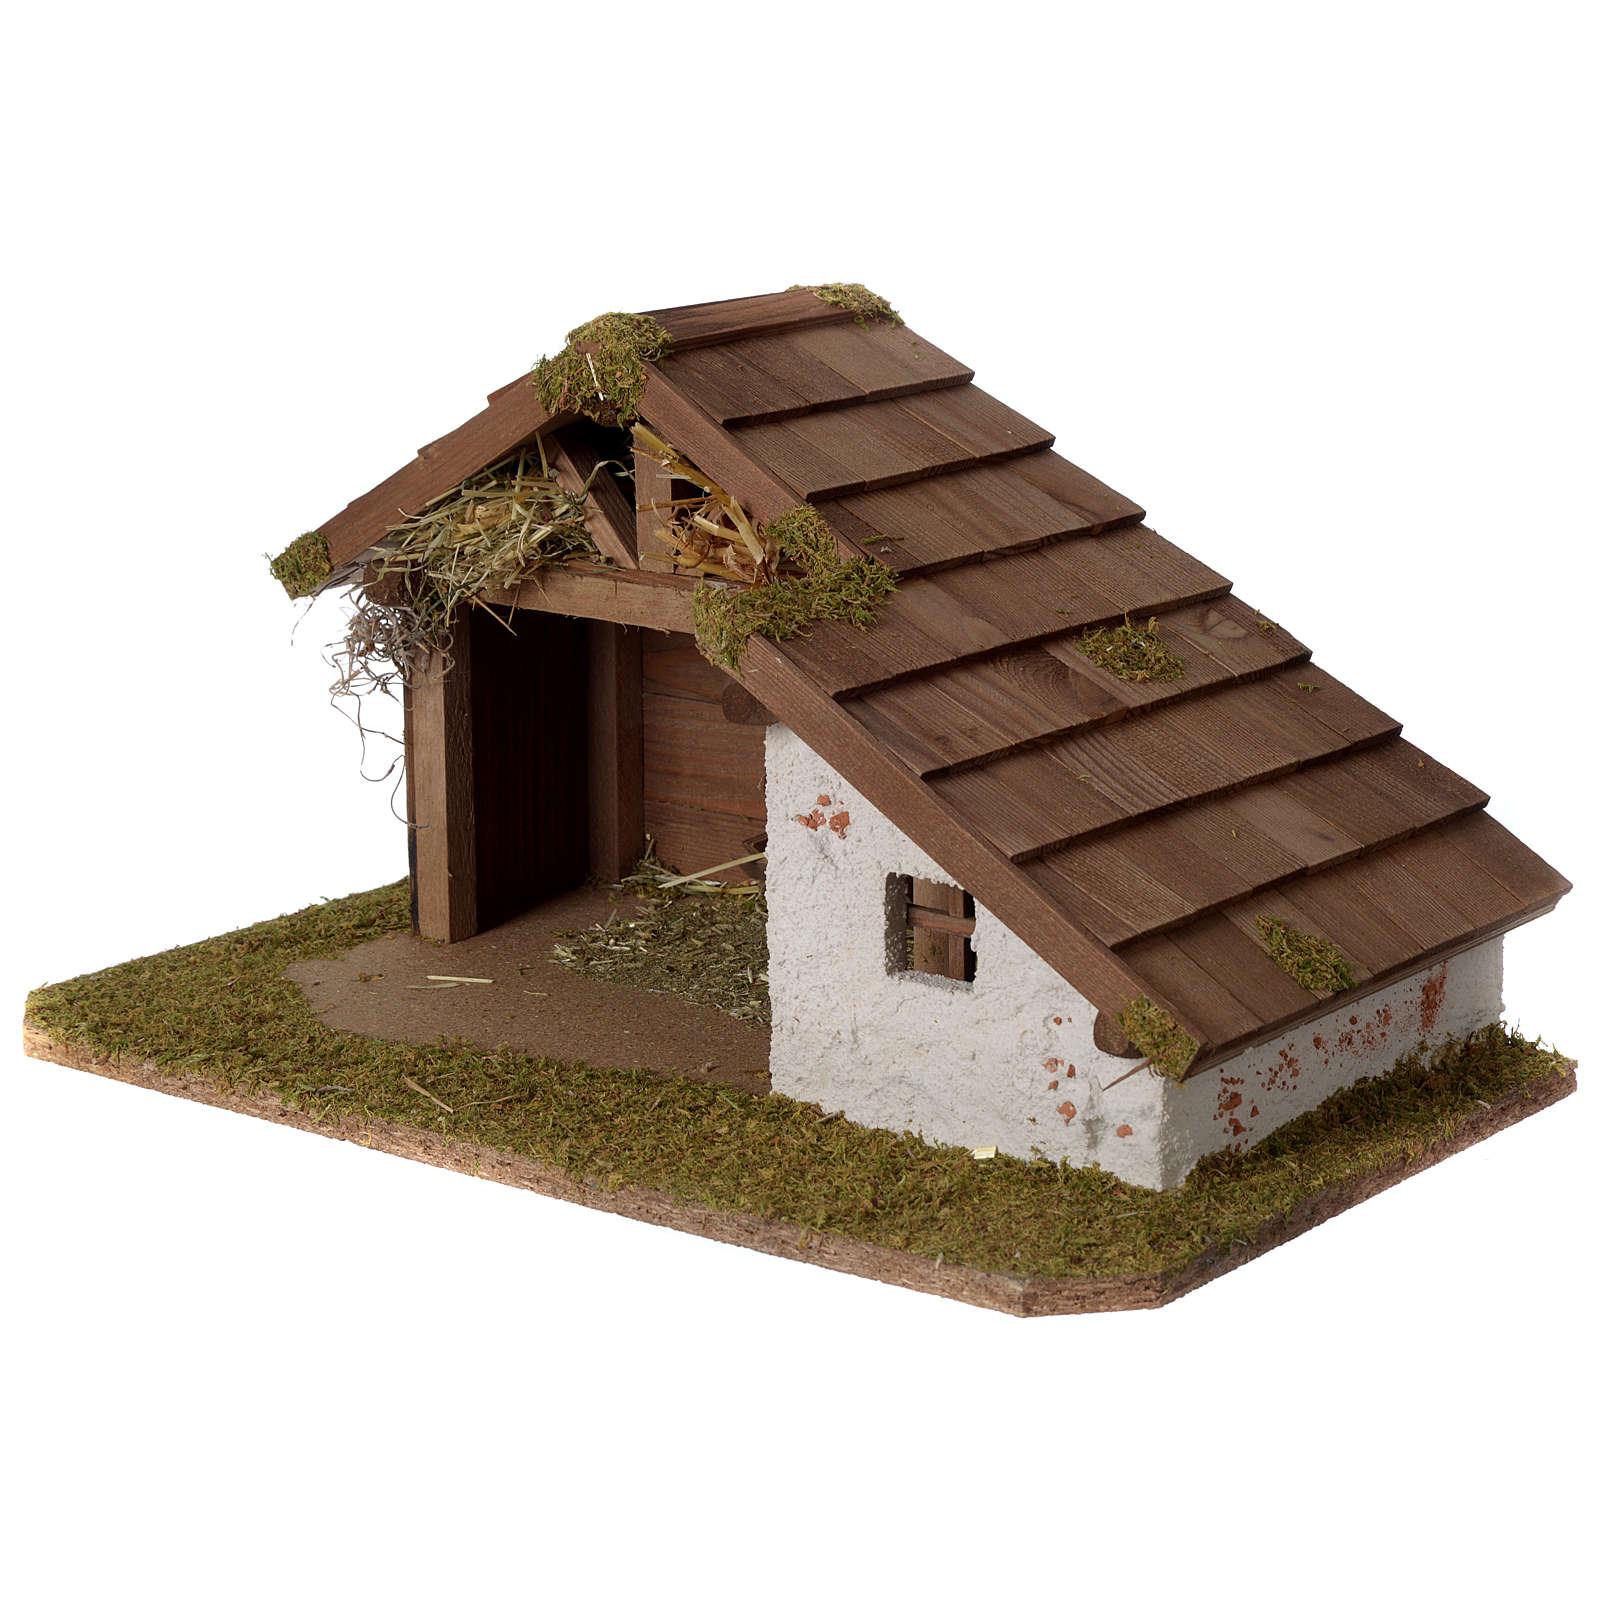 Stalla Presepe in legno design nordico 30x45x25cm per statuine di 10-12 cm 4